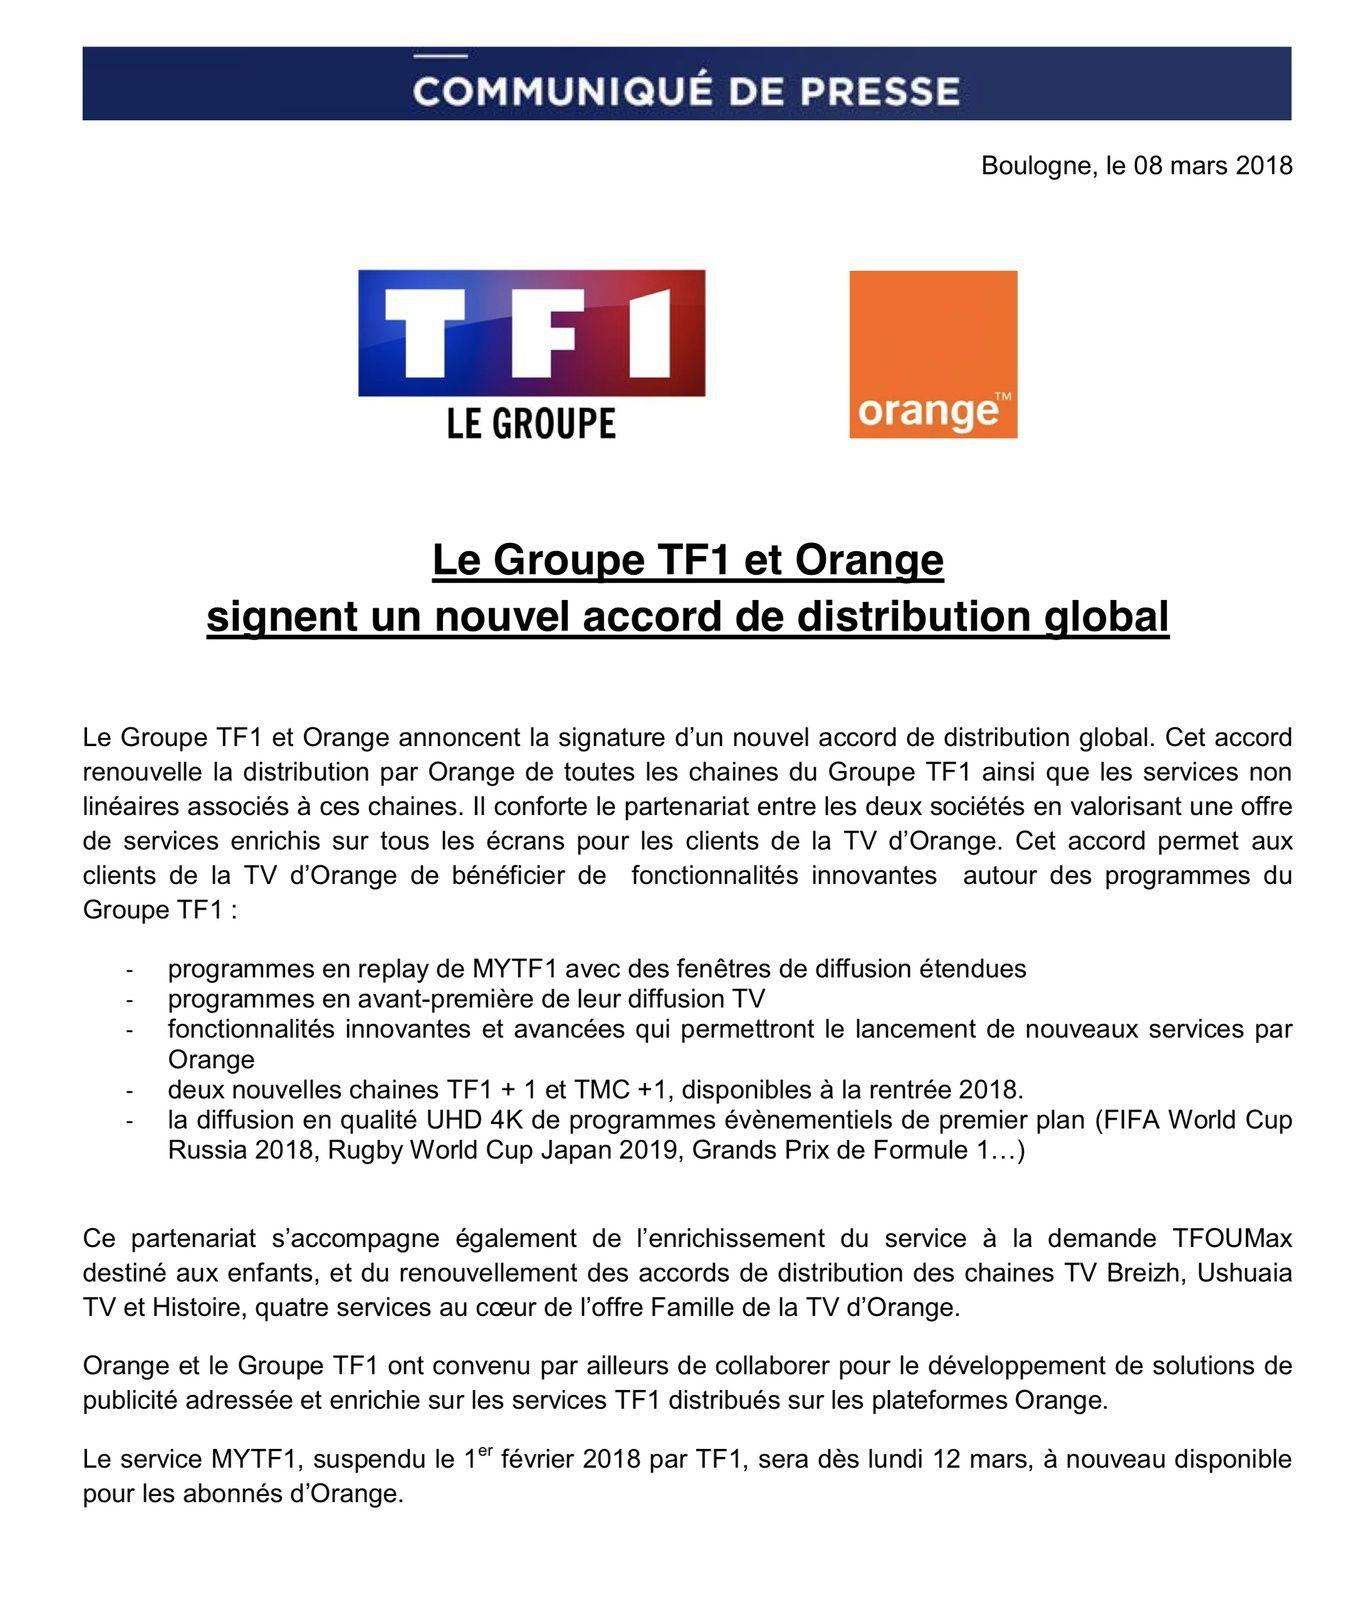 Le Groupe TF1 et Orange signent un nouvel accord de distribution global (communiqué).